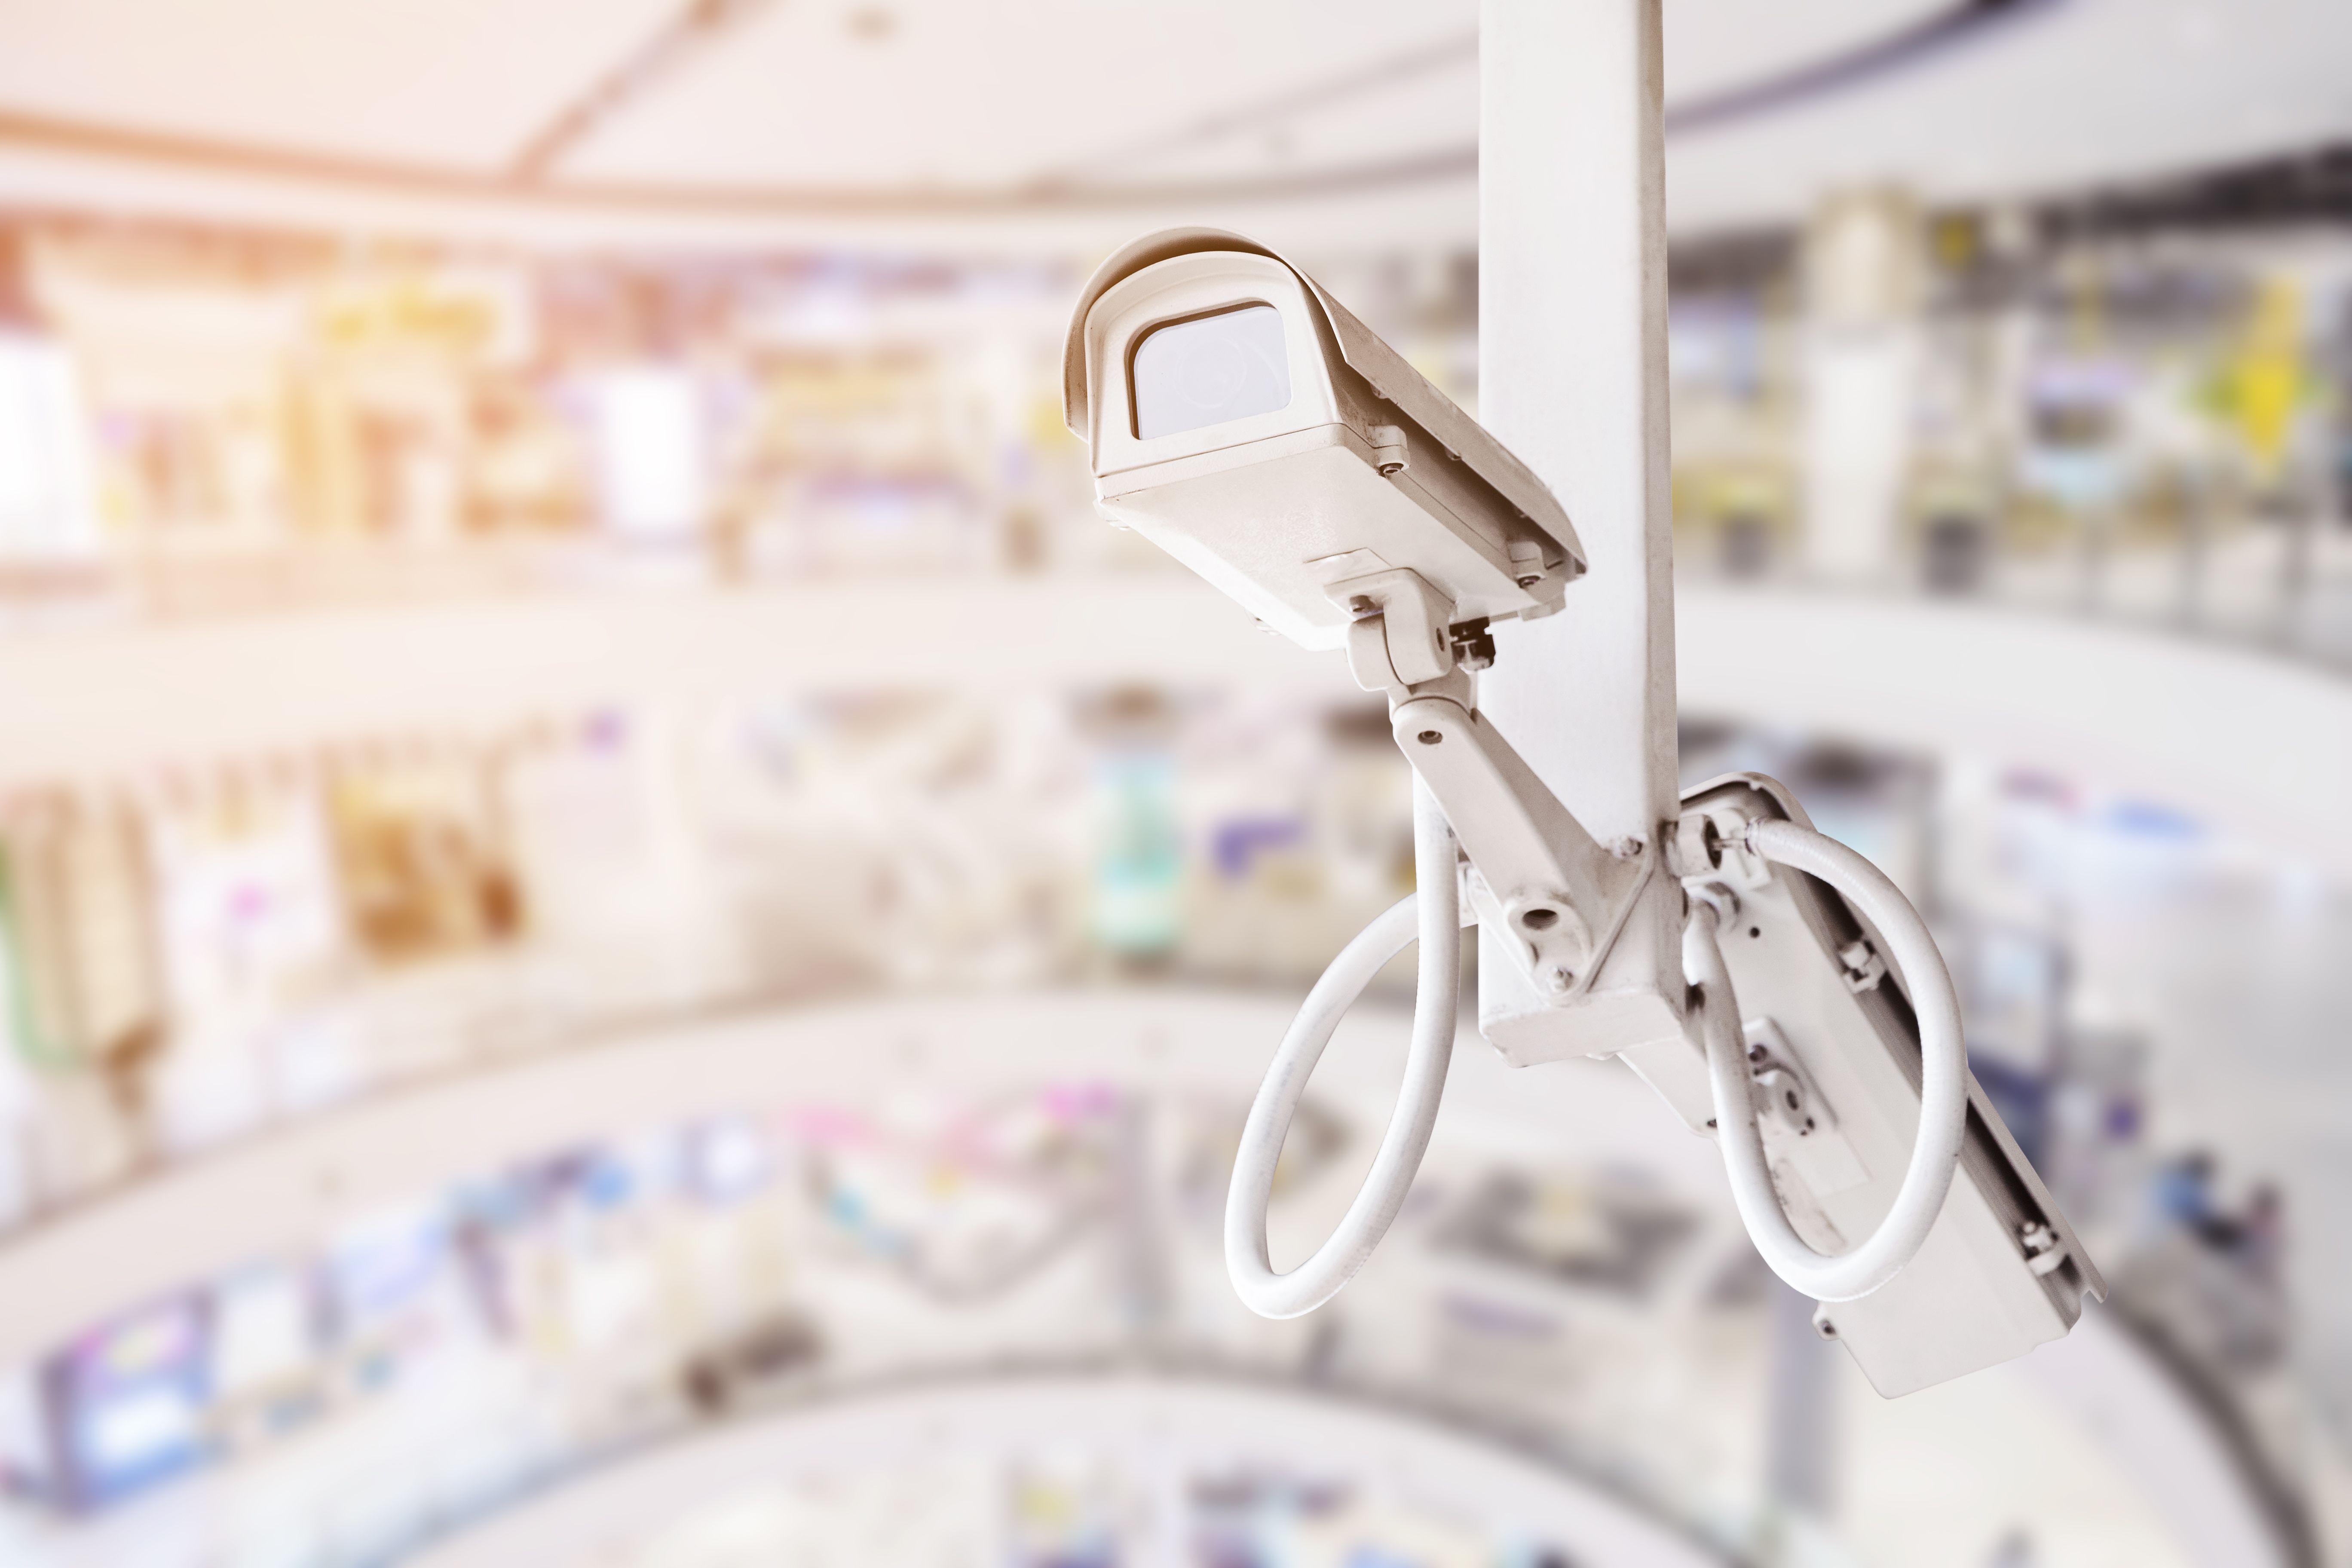 Overvåkingskamera inne på et shoppingsenter (colourbox.com)